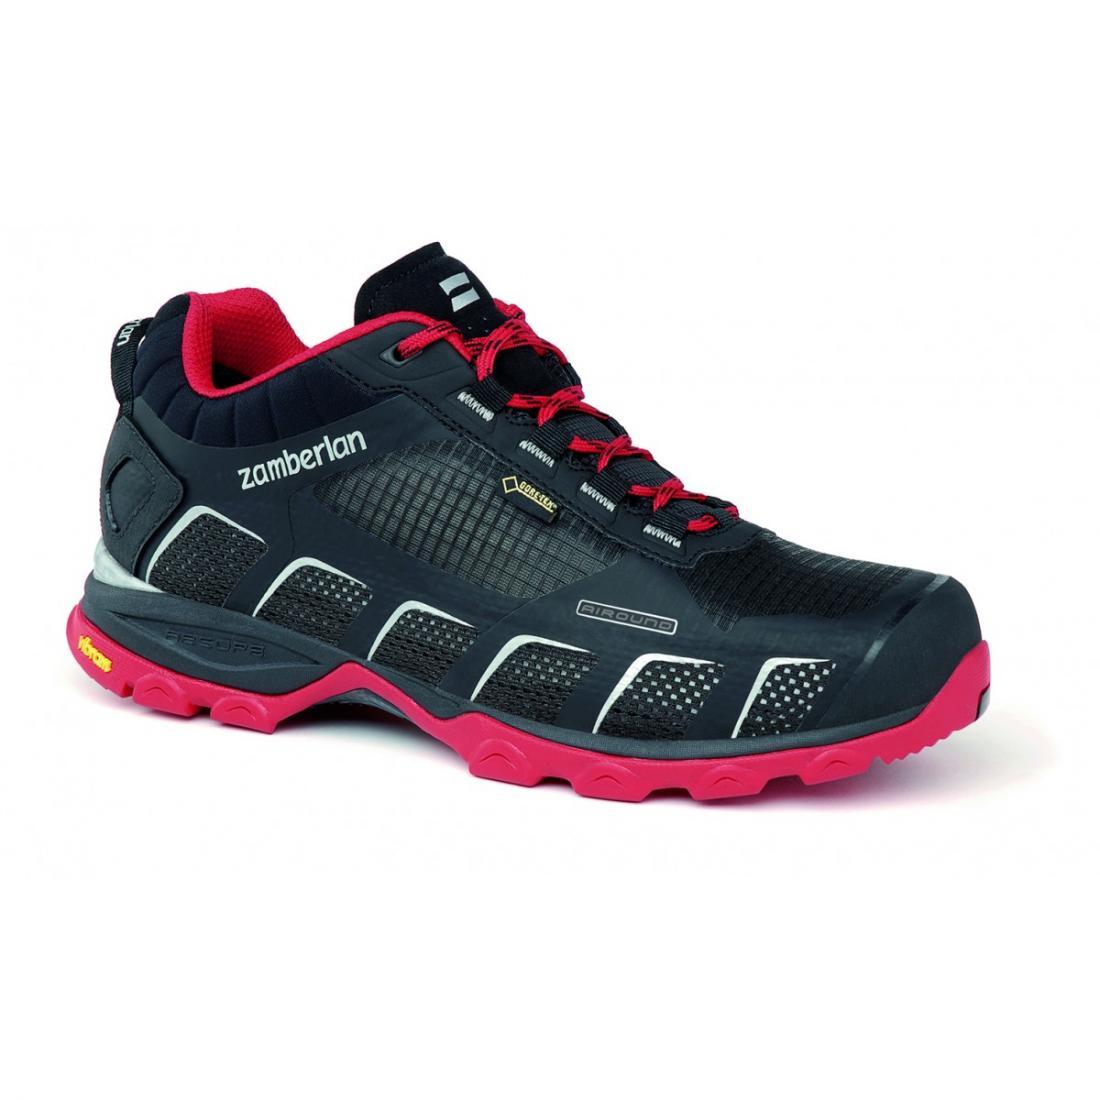 Кроссовки 132 AIR-ROUND GTX RRХайкинговые<br>Стильные ботинки средней высоты для легкого и уверенного движения по горным тропам. Комфортная посадка этих ботинок усовершенствована за счет эксклюзивной внешней подошвы Zamberlan® Vibram® Speed Hiking Lite, которая позволяет максимально эффективно де...<br><br>Цвет: Черный<br>Размер: 48